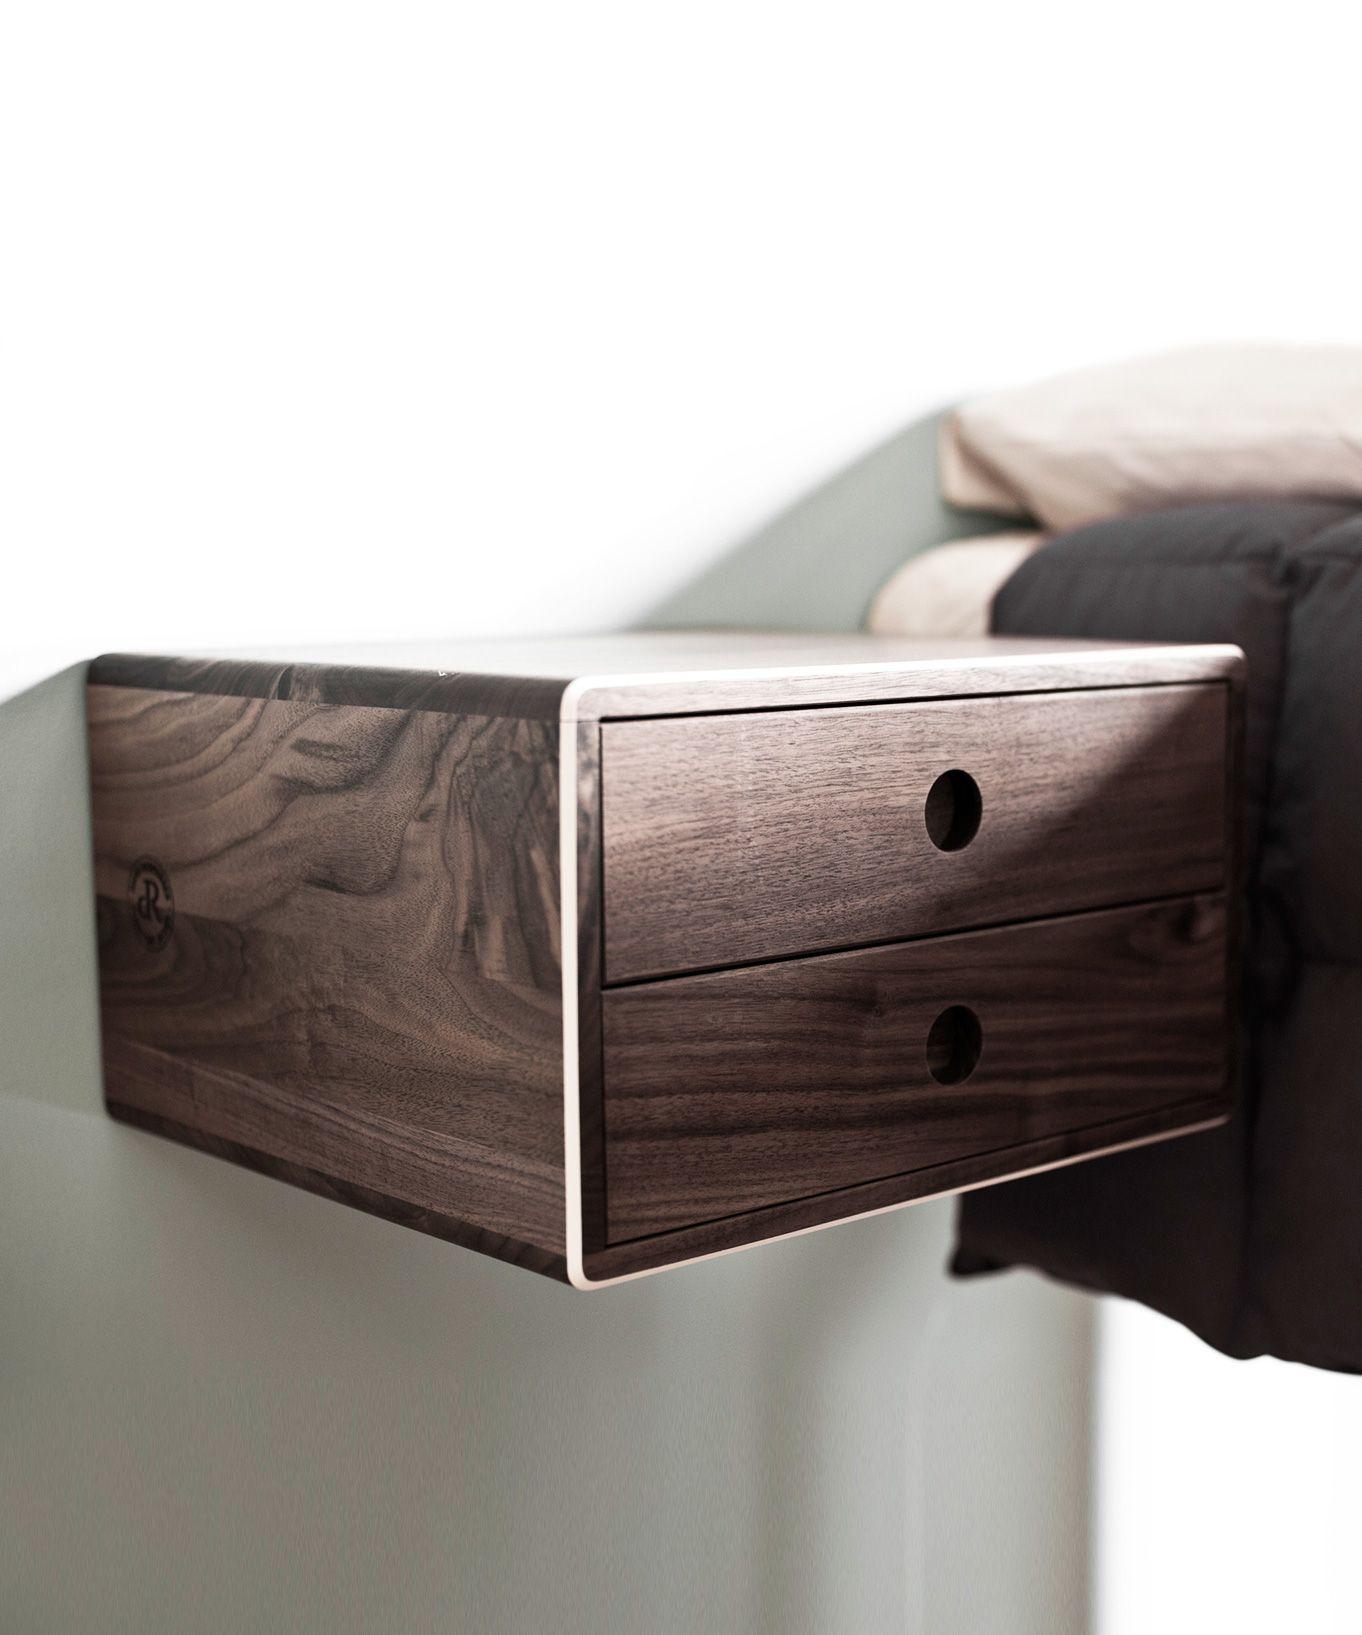 Best David Rasmussen S Modern Floating Side Table At Dotandbo 400 x 300